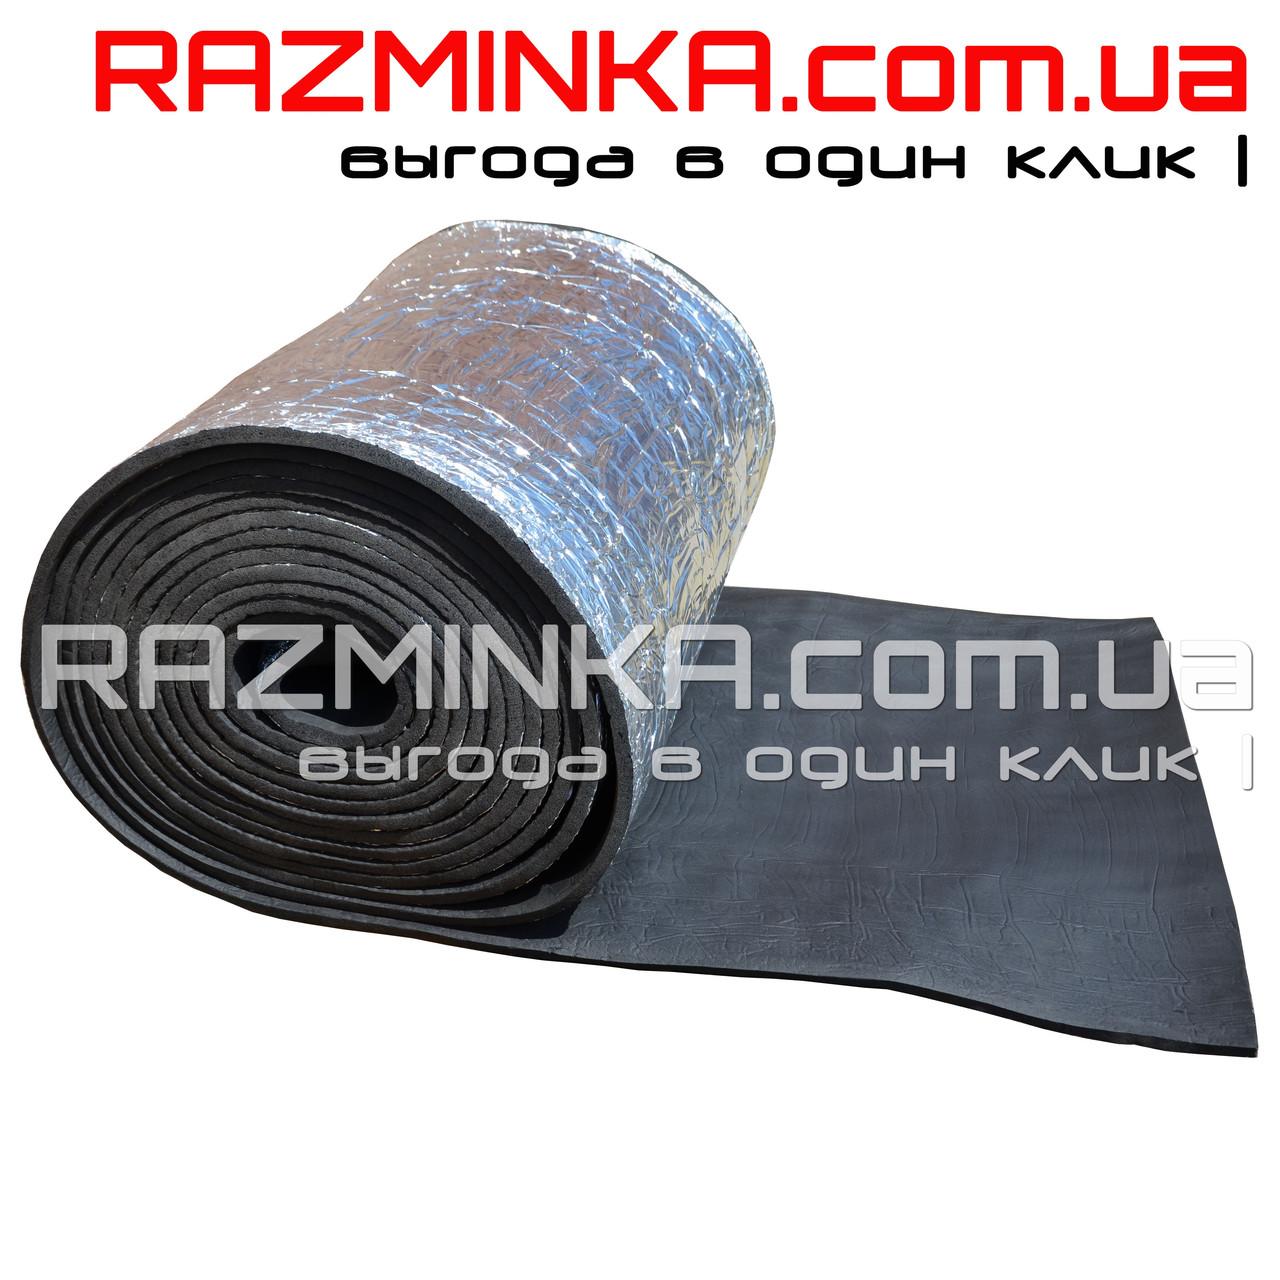 Фольгированный утеплитель 9мм (вспененный каучук)